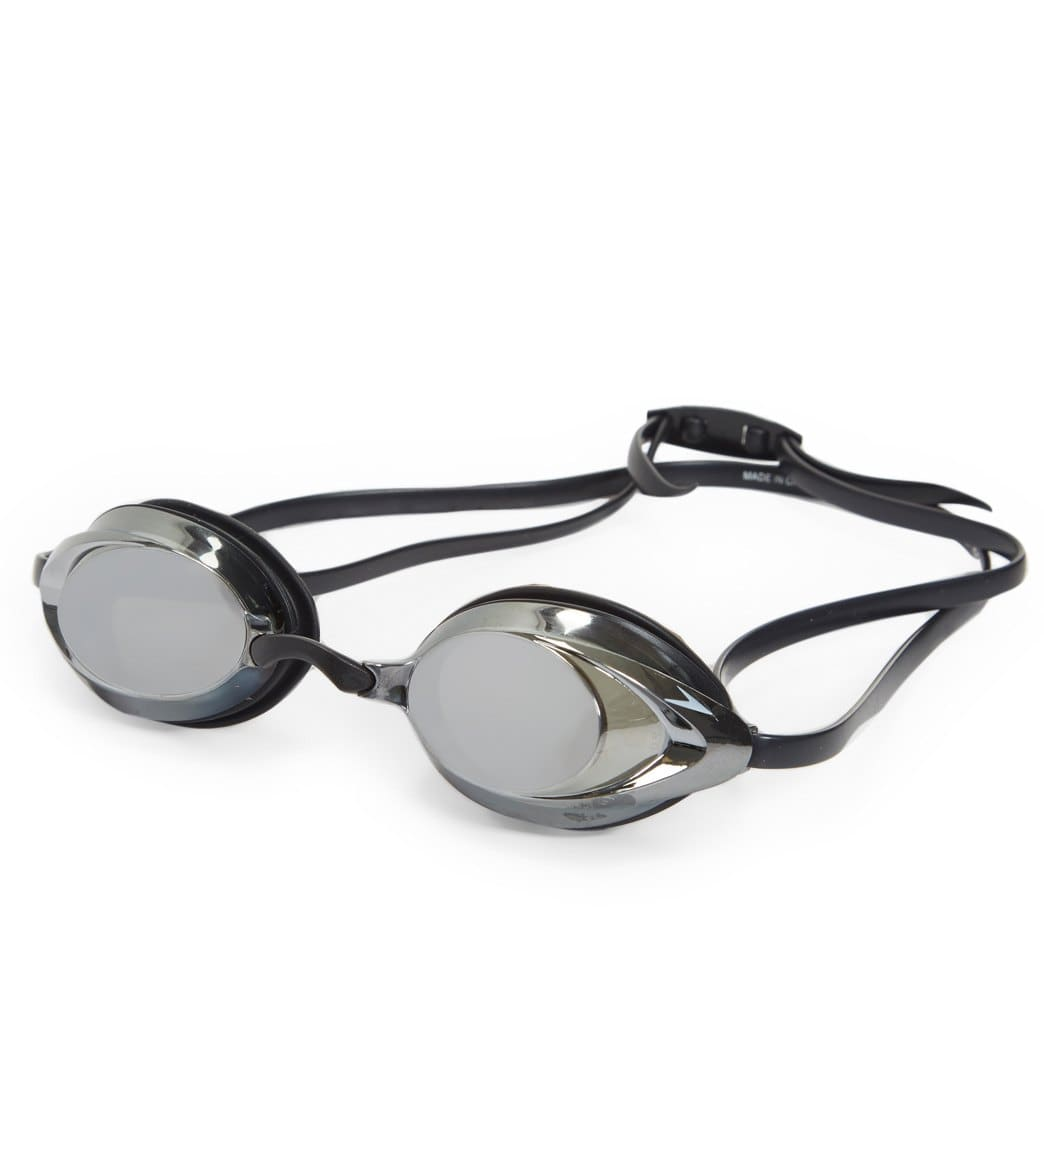 Speedo Vanquisher 2.0 Optical Mirrored Goggle